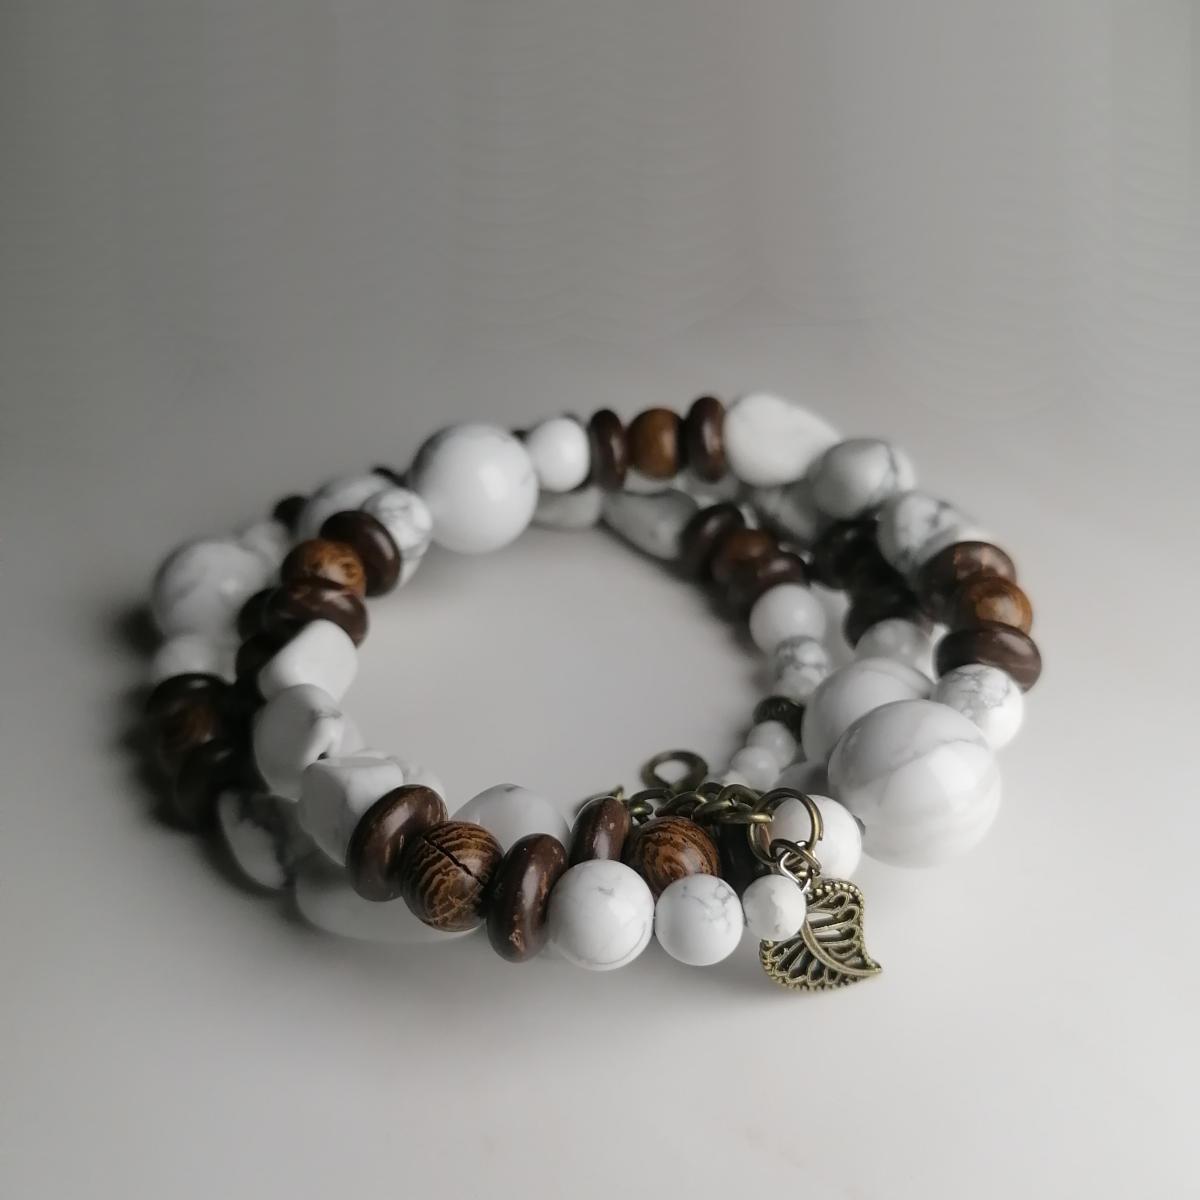 Howlith, Kokos, Holzperlen, ein wunderschönes Armband